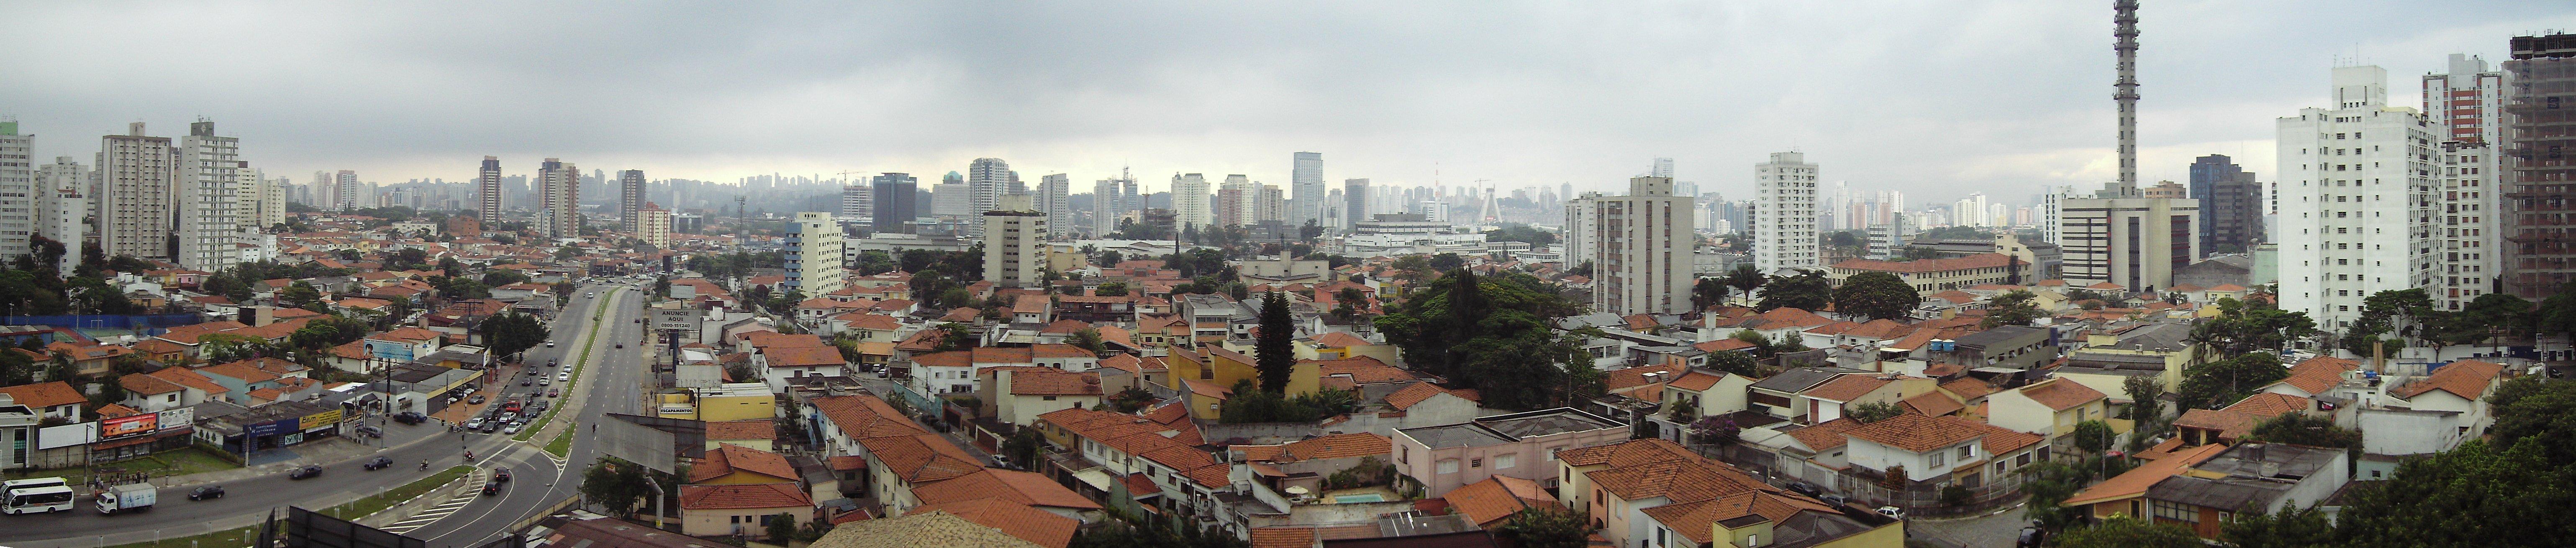 Panorama von São Paulo